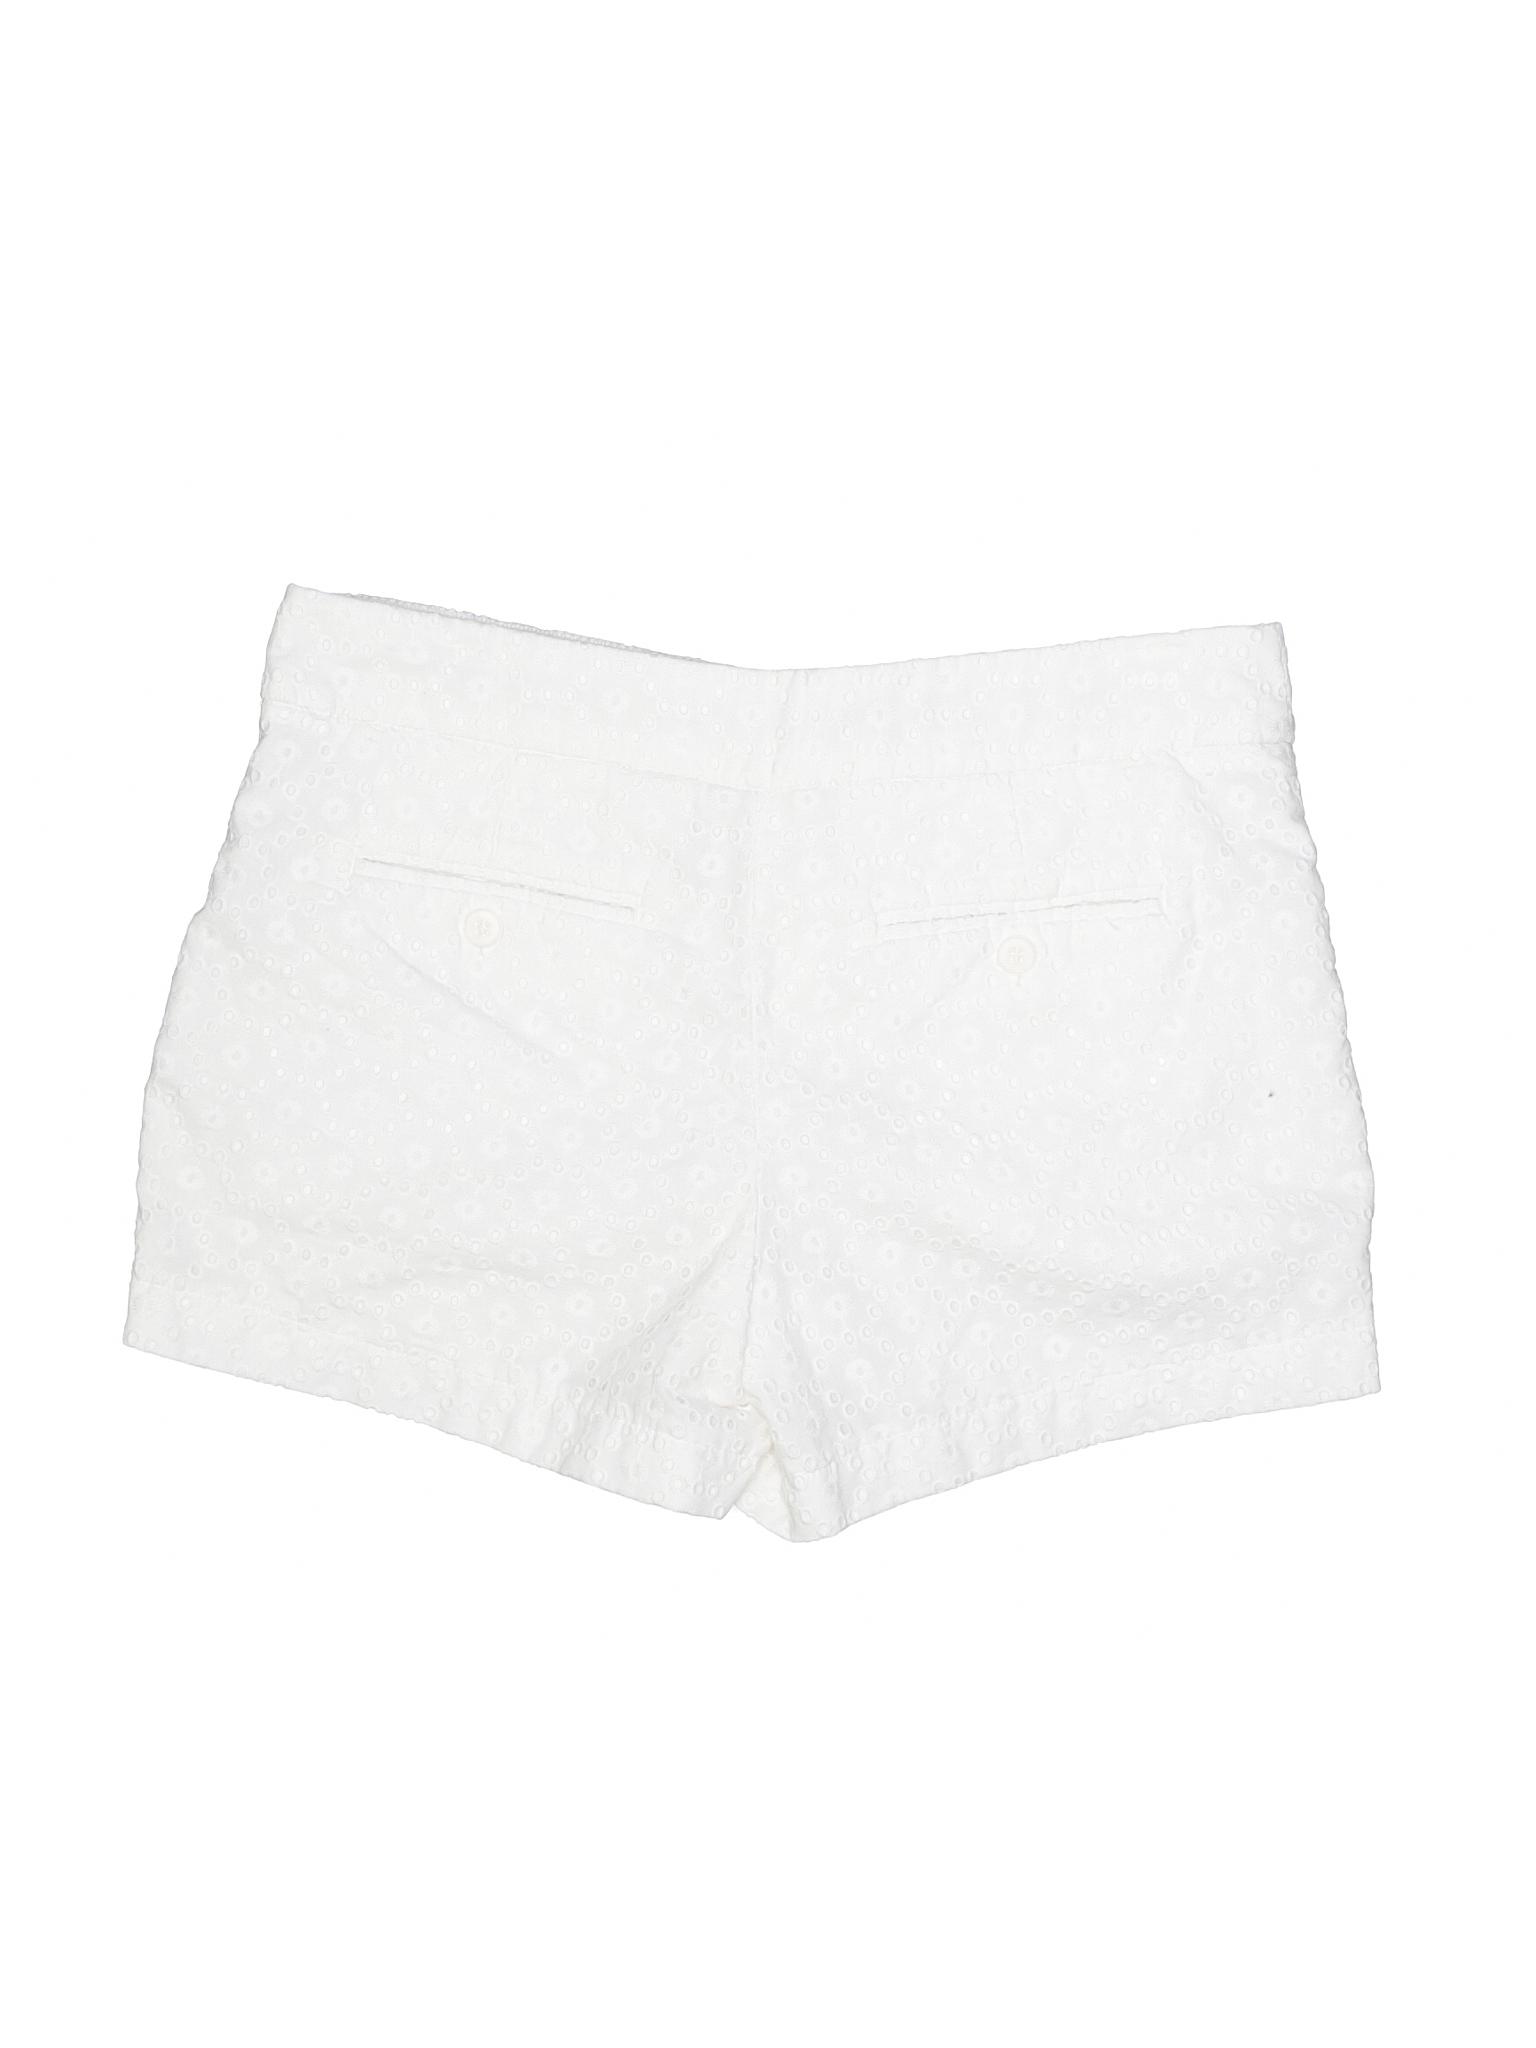 Leisure Shorts Kenar Kenar Shorts winter Leisure winter PrHwP